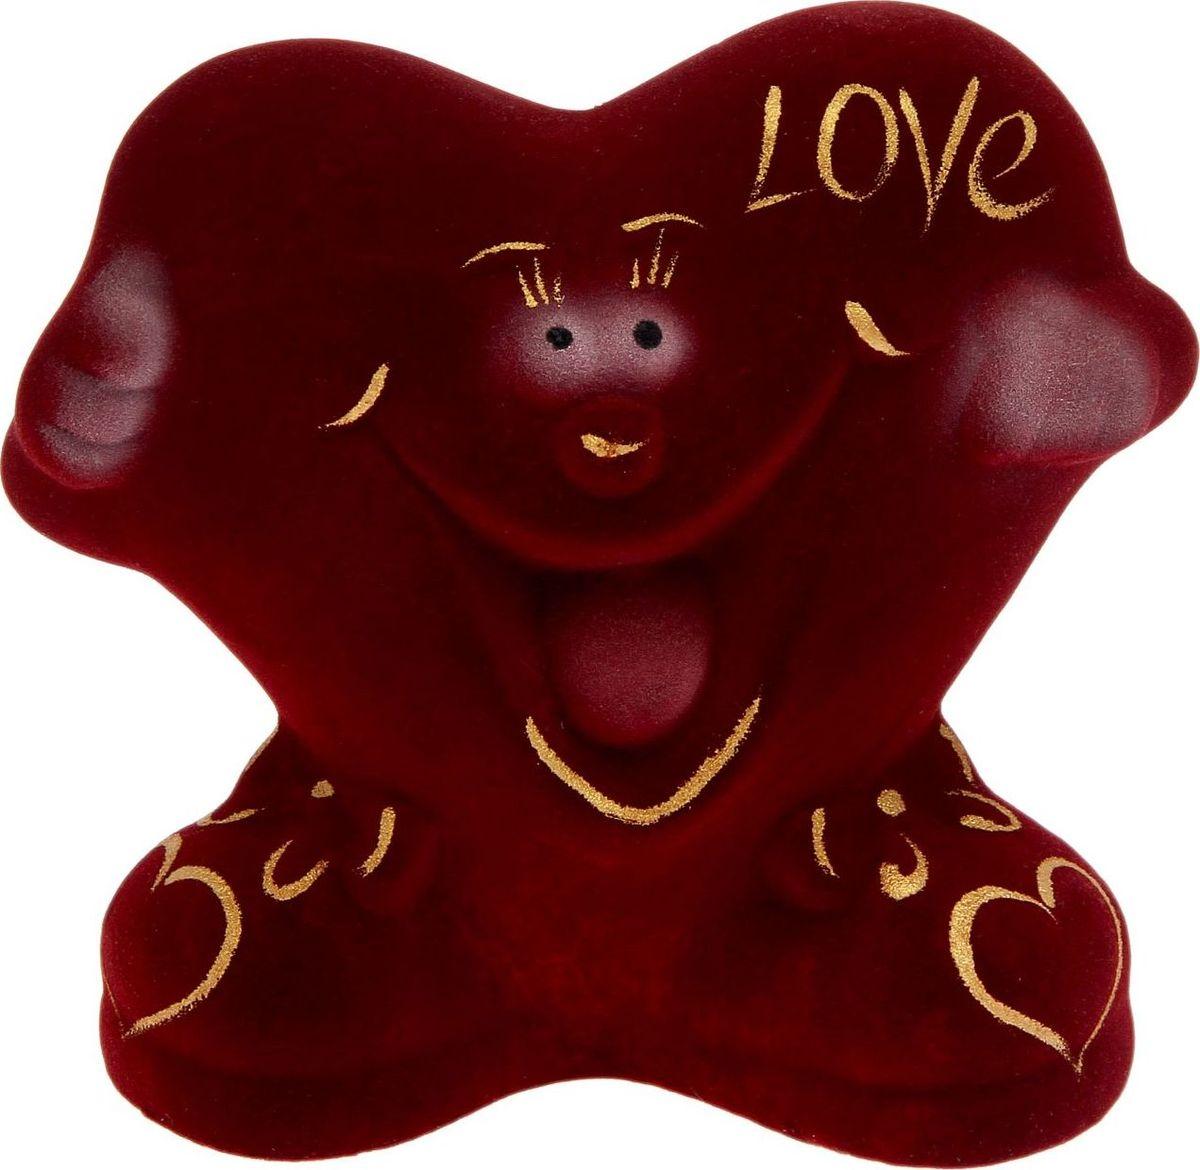 Копилка Керамика ручной работы Сердце, 9 х 16 х 14 см1848126Копилка — универсальный вариант подарка любому человеку, ведь каждый из нас мечтает о какой-то дорогостоящей вещи и откладывает или собирается откладывать деньги на её приобретение. Вместительная копилка станет прекрасным хранителем сбережений и украшением интерьера. Она выглядит так ярко и эффектно, что проходя мимо, обязательно захочется забросить пару монет. Обращаем ваше внимание, что копилка является одноразовой.